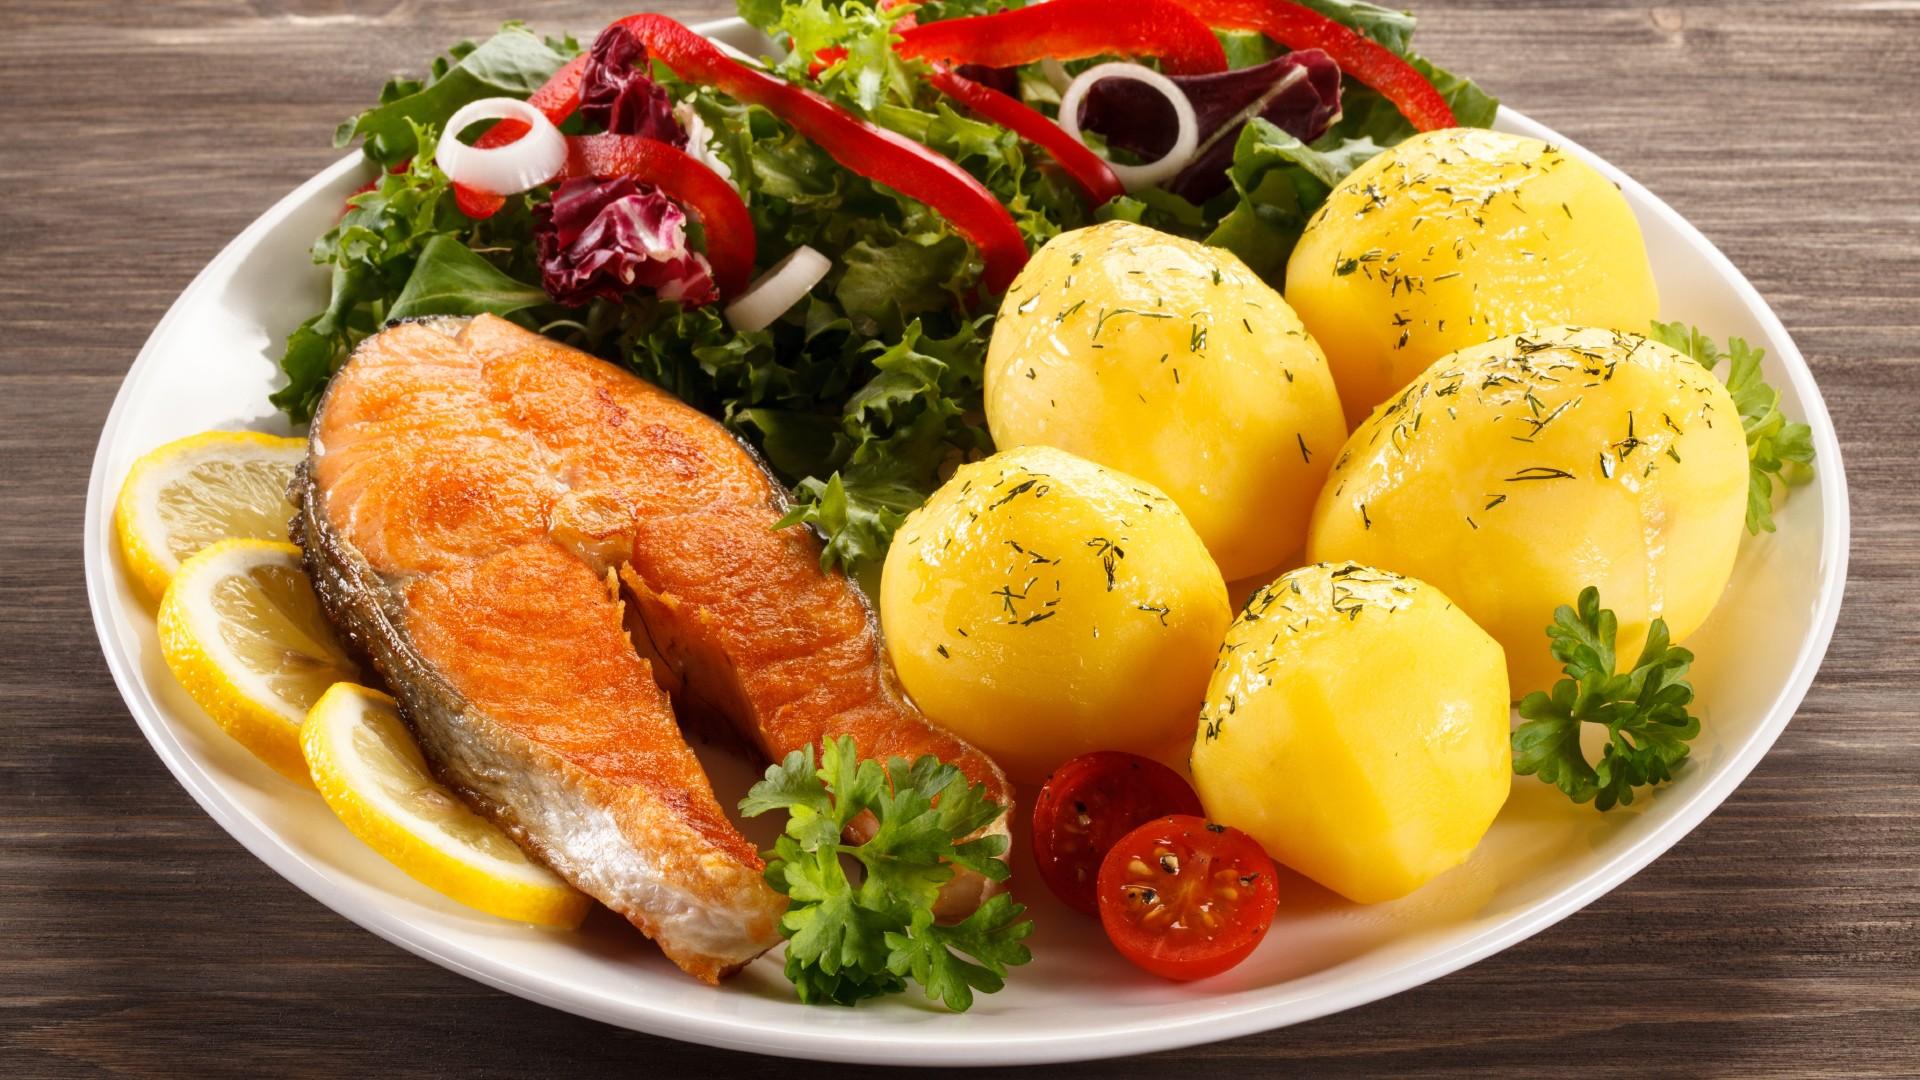 1920x1080_vtoryie-blyuda-ryiba-kartofel-limon-lajm-ovoschi